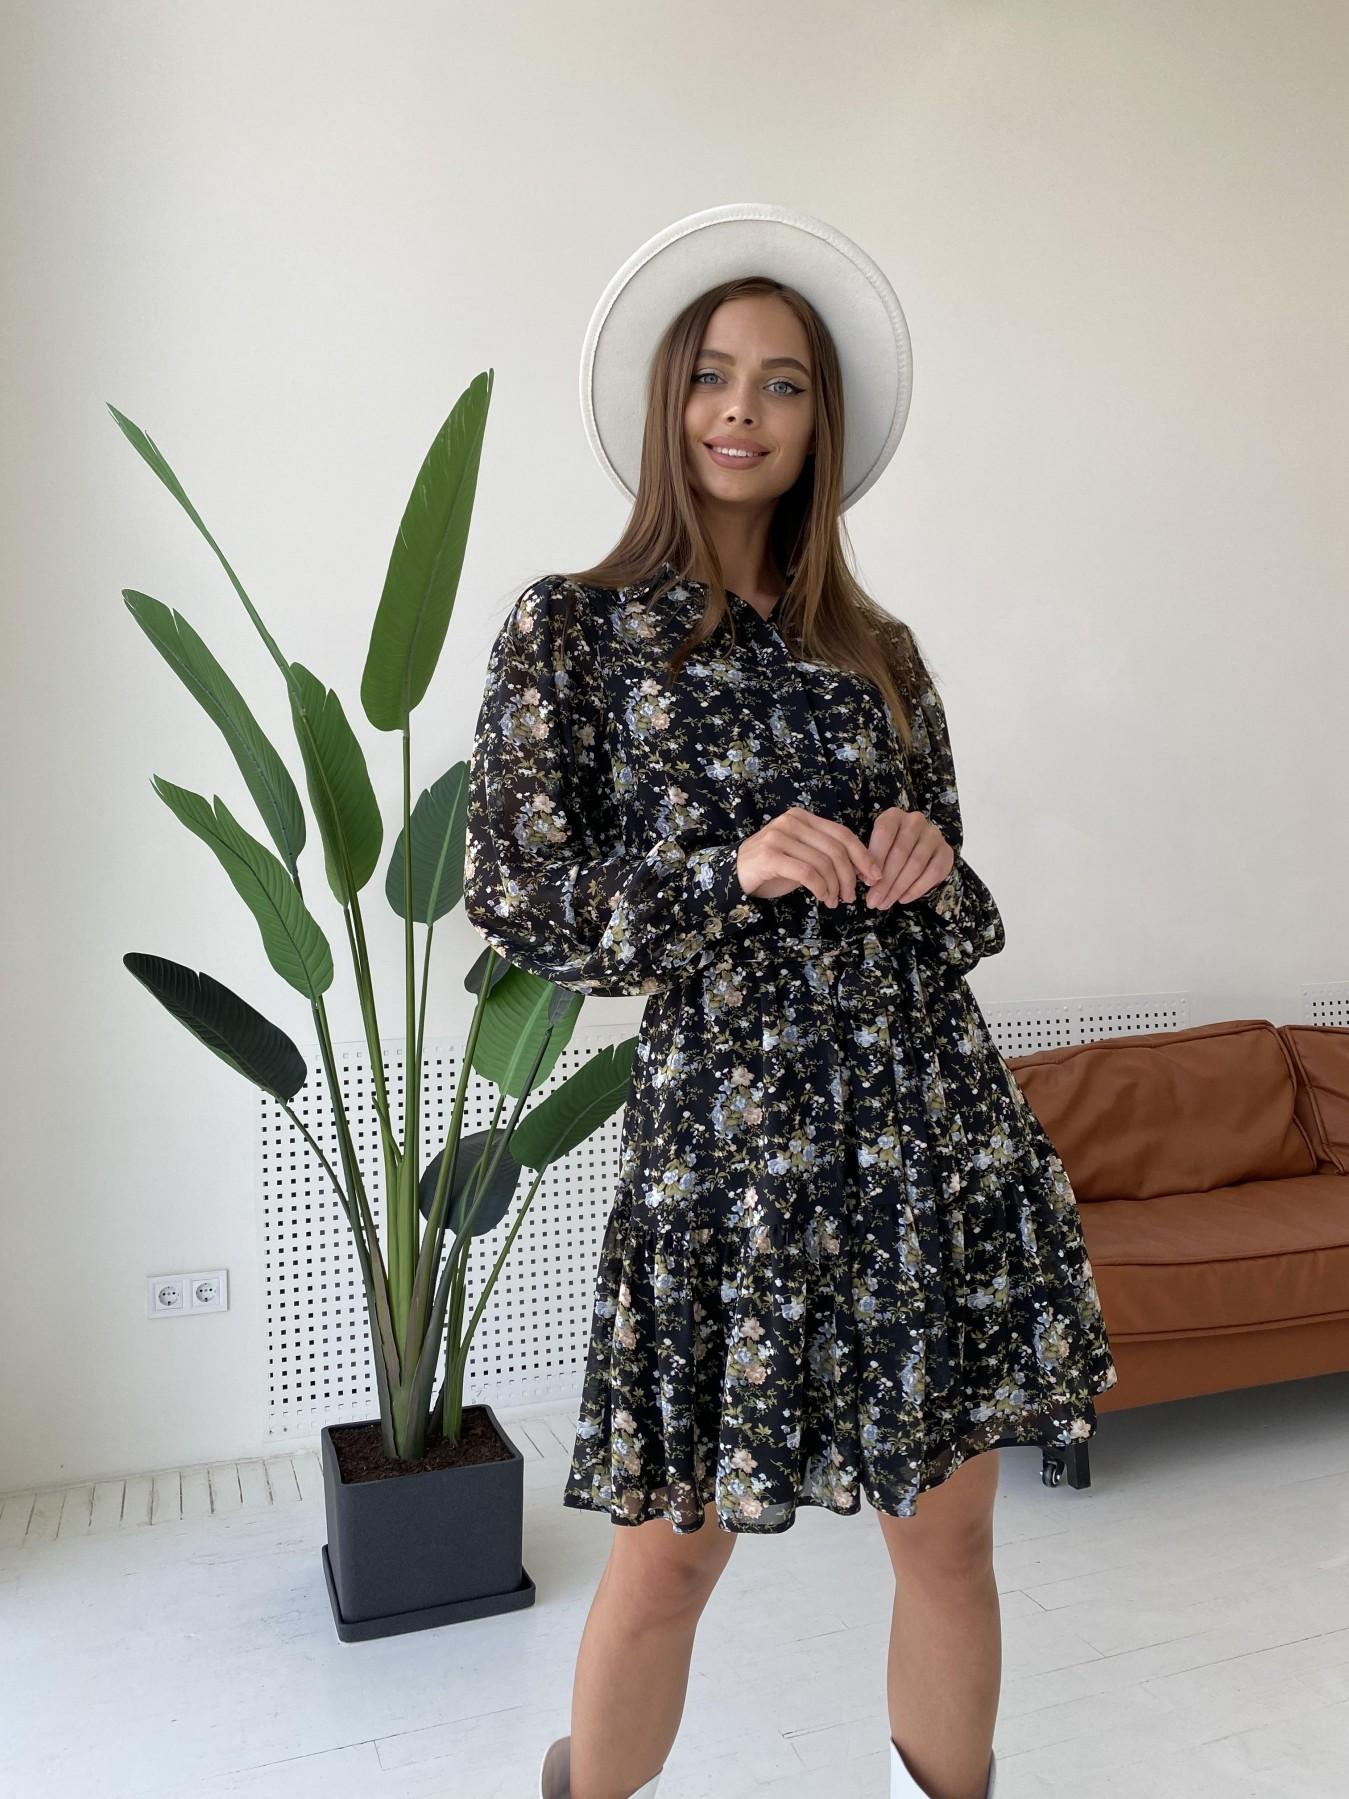 Молизе платье из шифона длиной мини с длинным рукавом в цветочной расцветке 11683 АРТ. 48411 Цвет: Черный/беж/голубой/БукетЦв - фото 4, интернет магазин tm-modus.ru